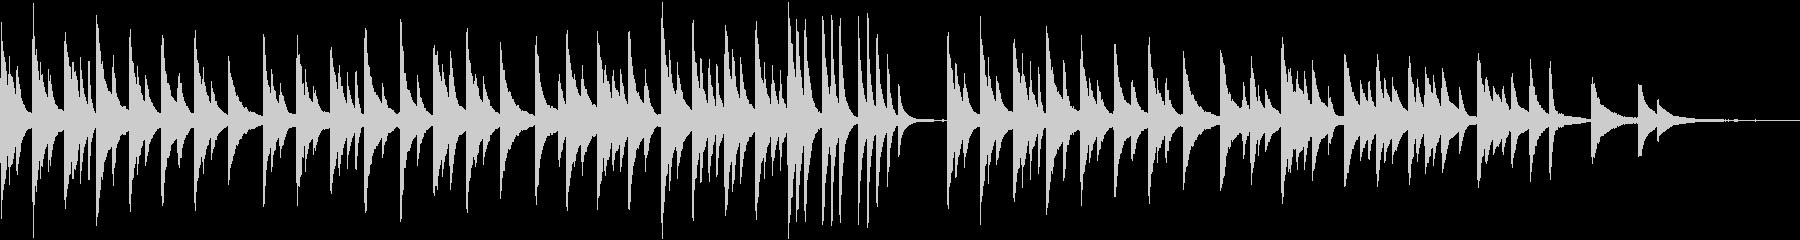 野ばらに寄す/マクダウェル【ピアノソロ】の未再生の波形